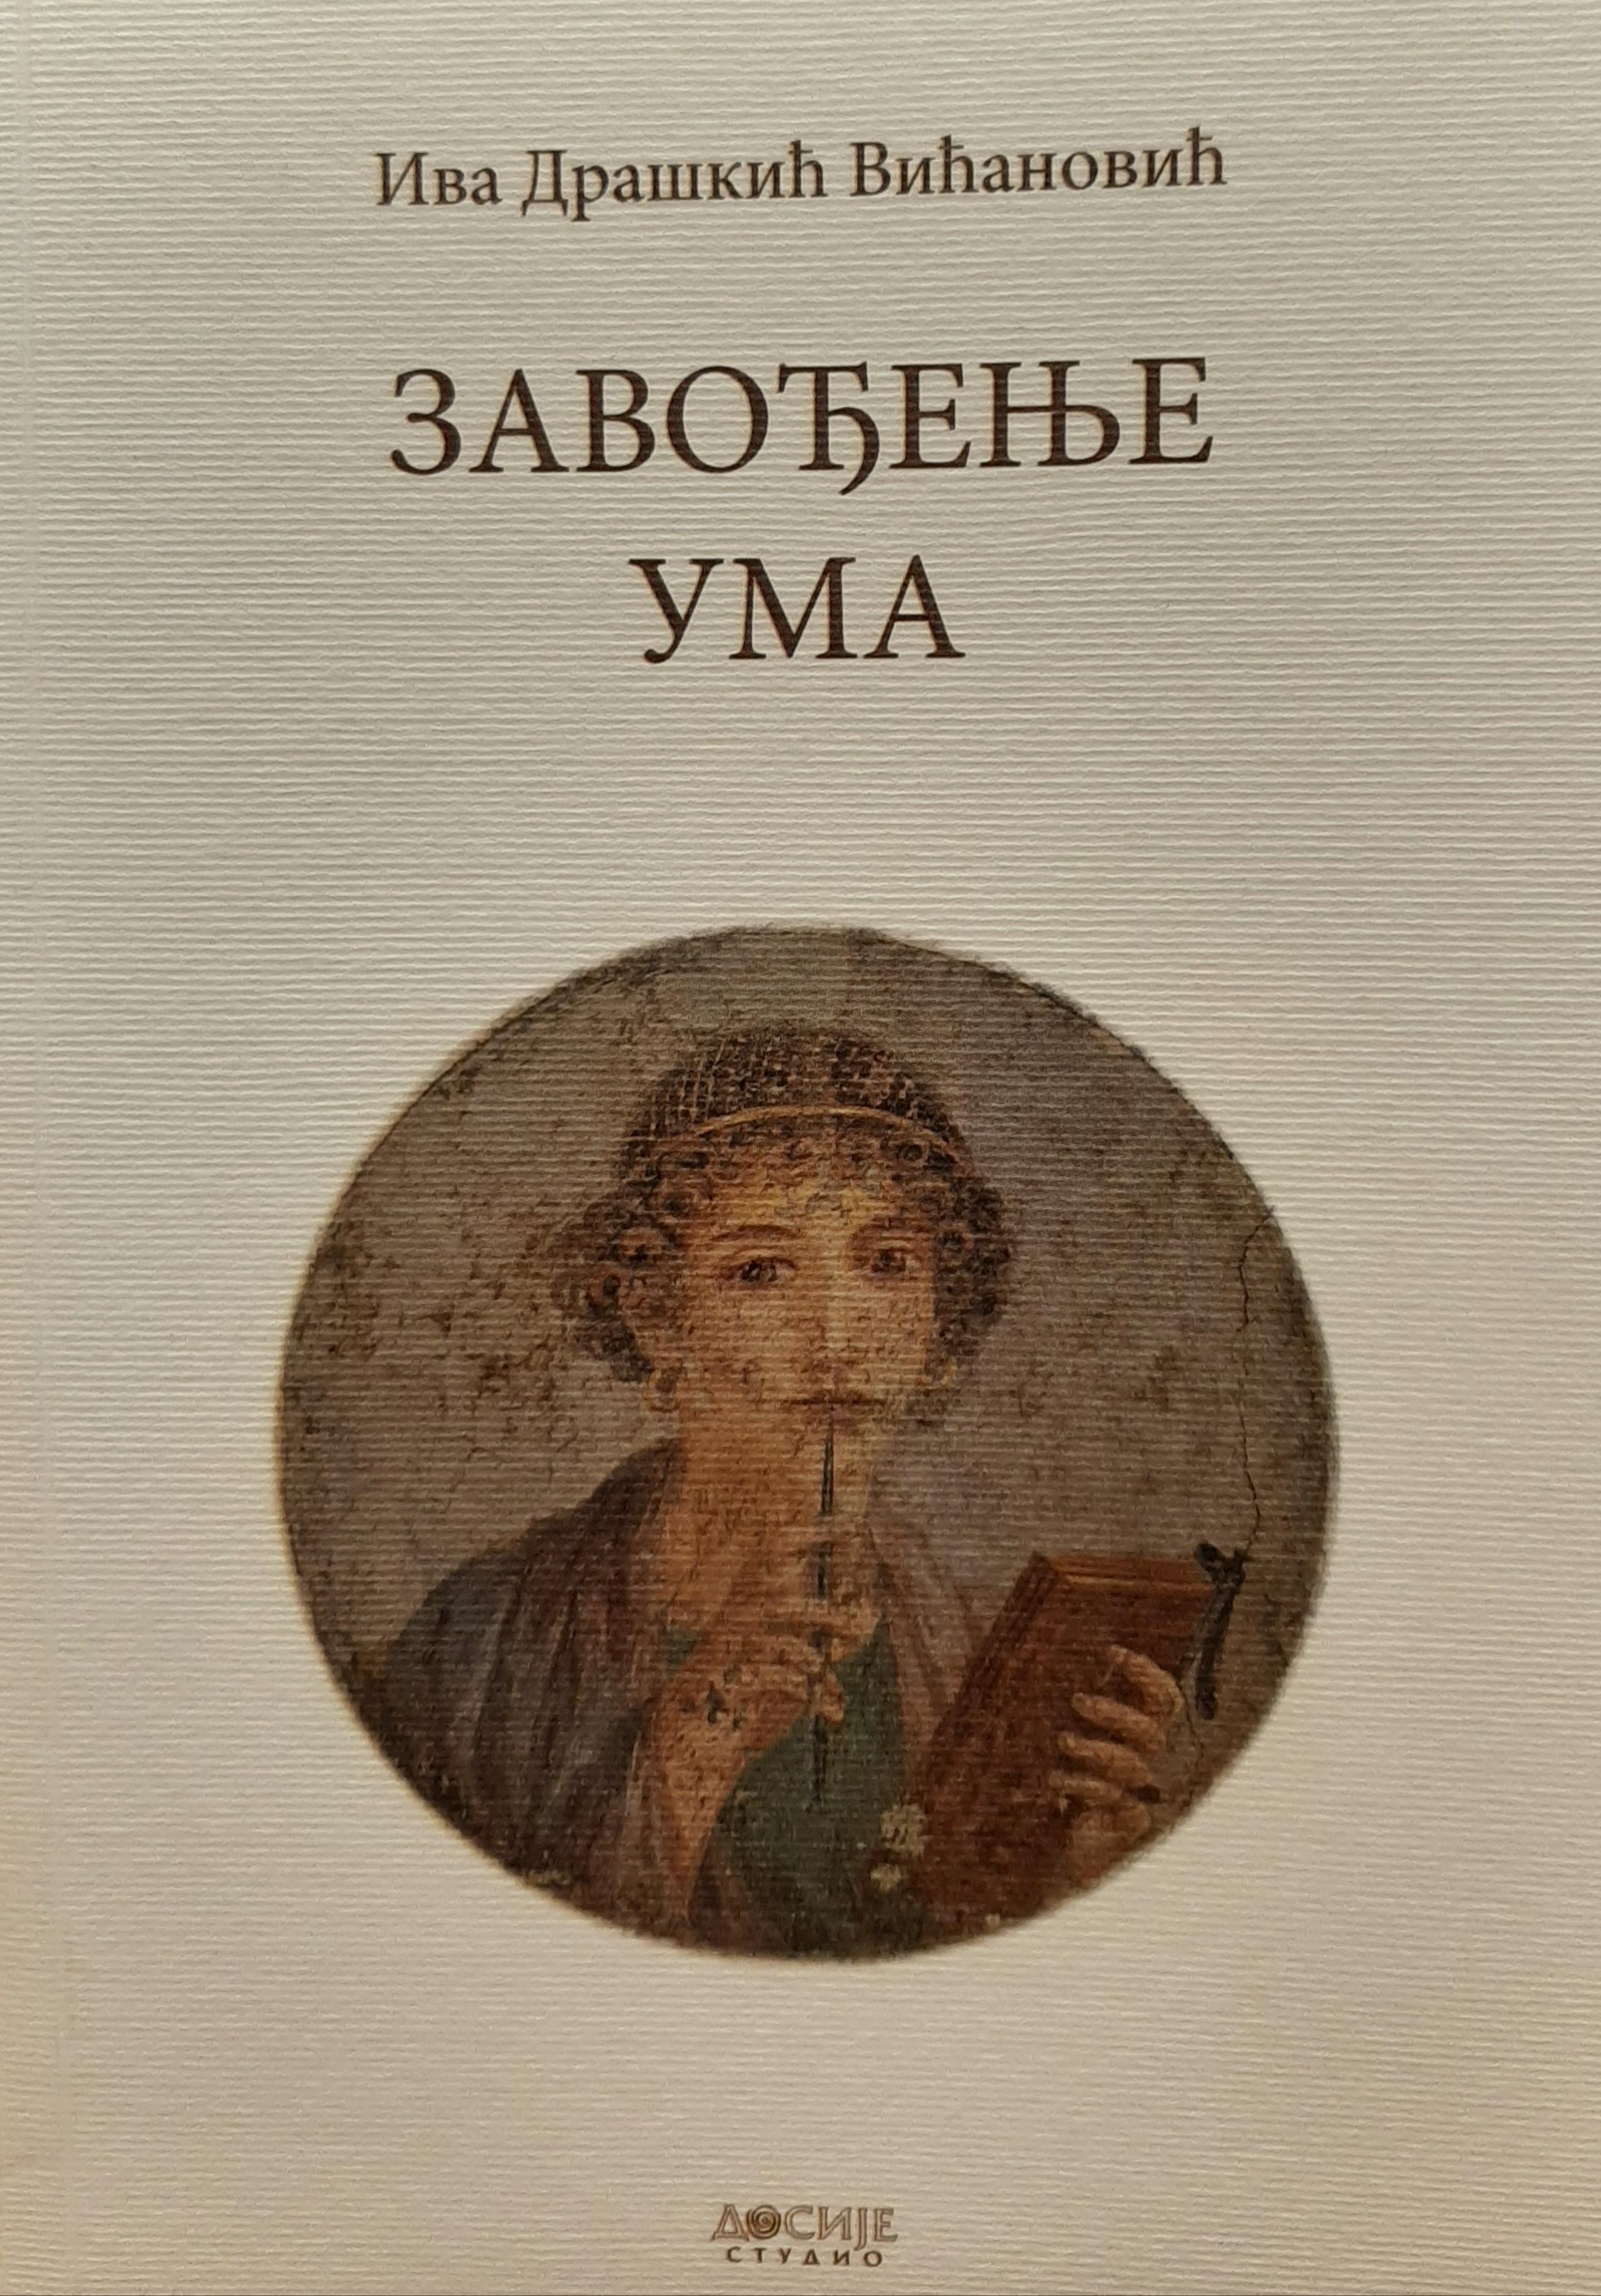 """""""ZAVOĐENJE UMA"""" NOVA KNJIGA PROF.DR  IVE DRAŠKIĆ VIĆANOVIĆ"""